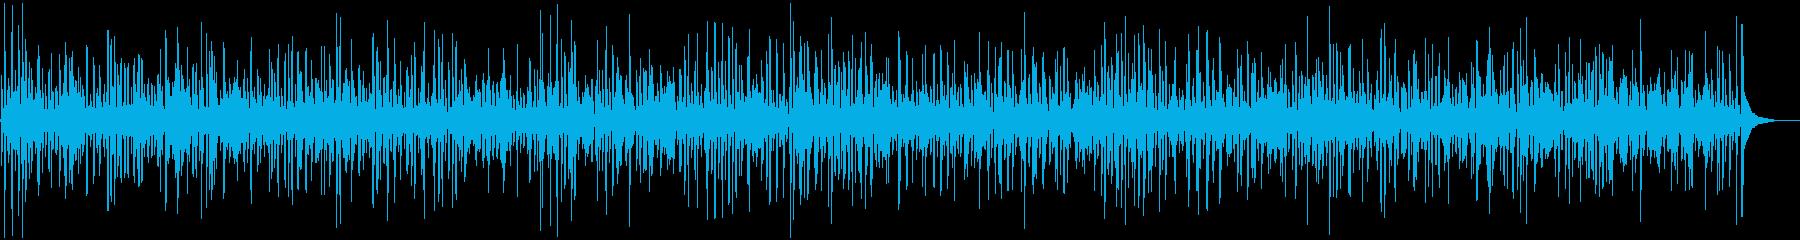 切ないアコーディオンとジャズバンドの再生済みの波形